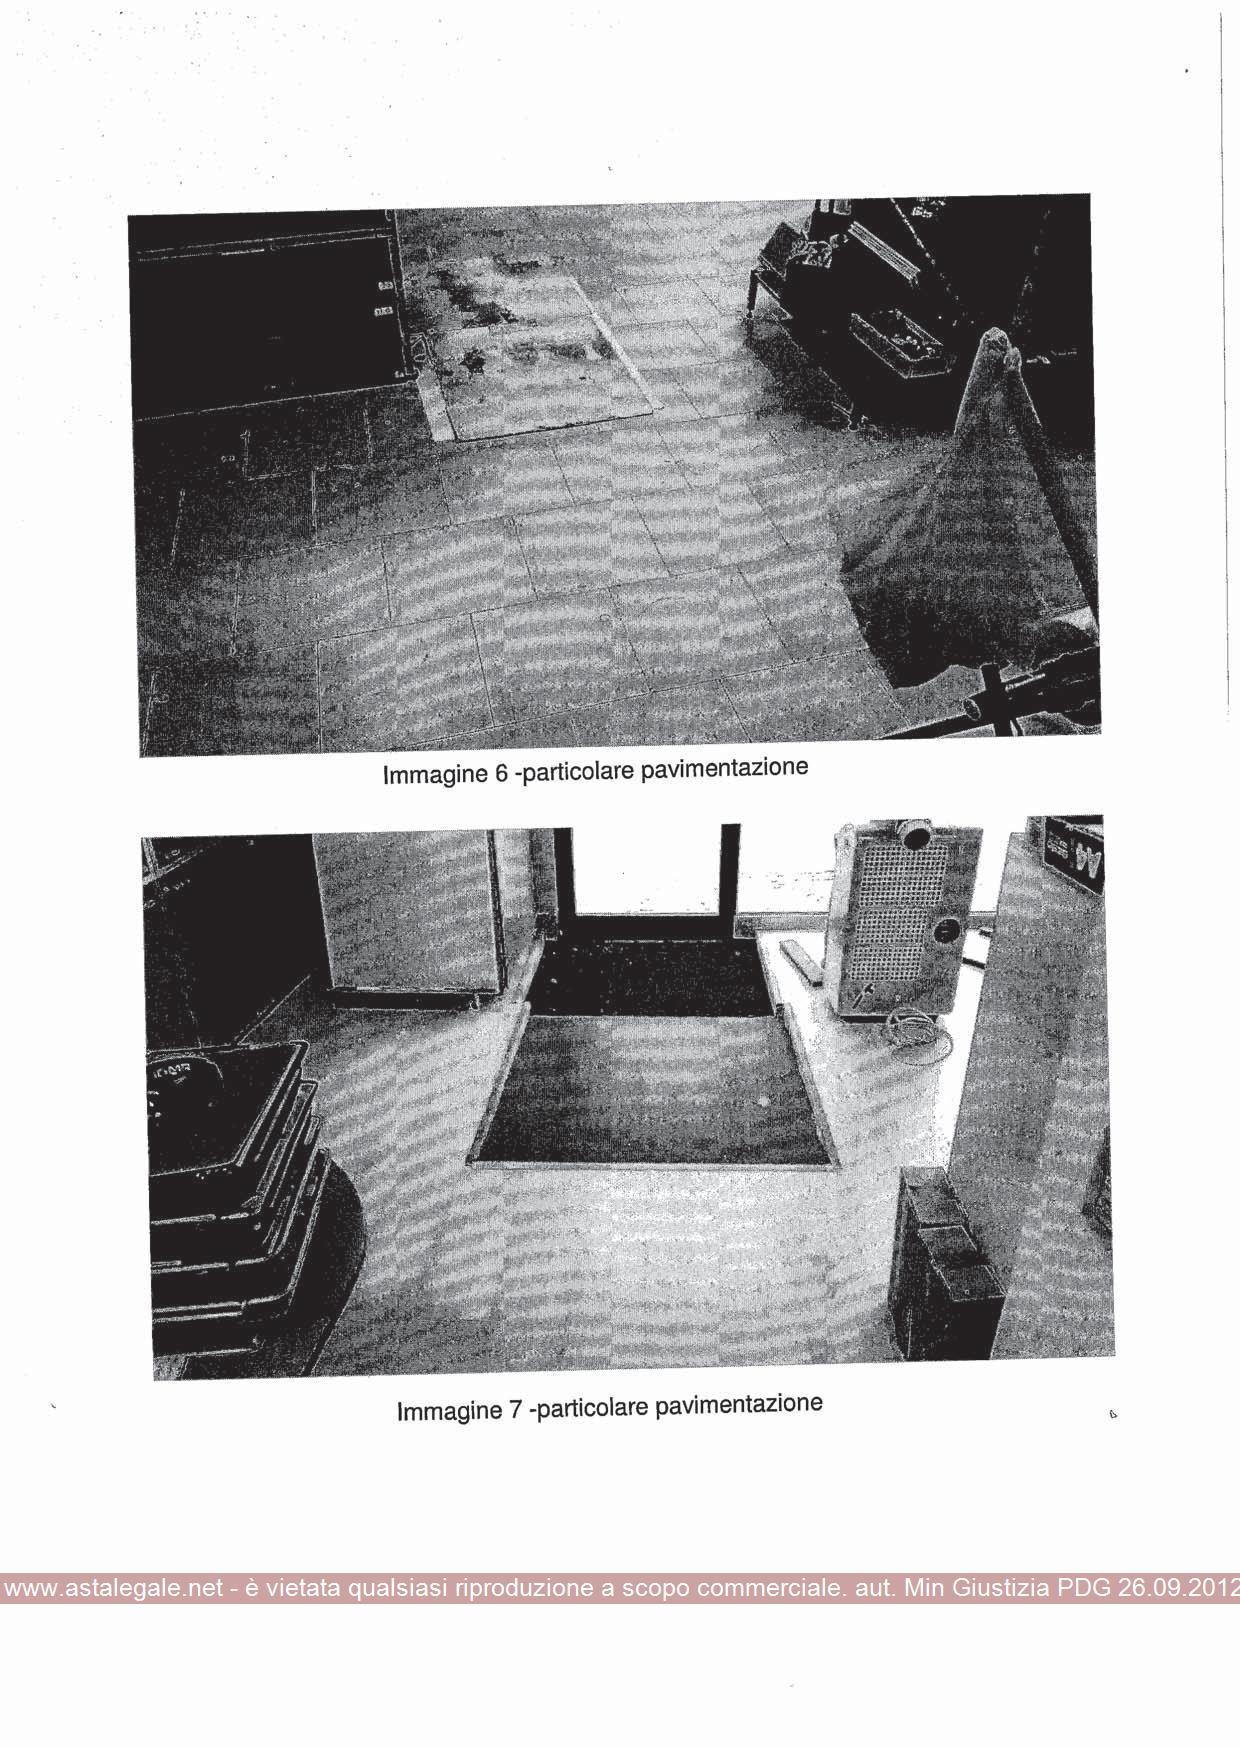 Bilocale vendita legnago via principe umberto 55 for Planimetrie piano piano gratuito